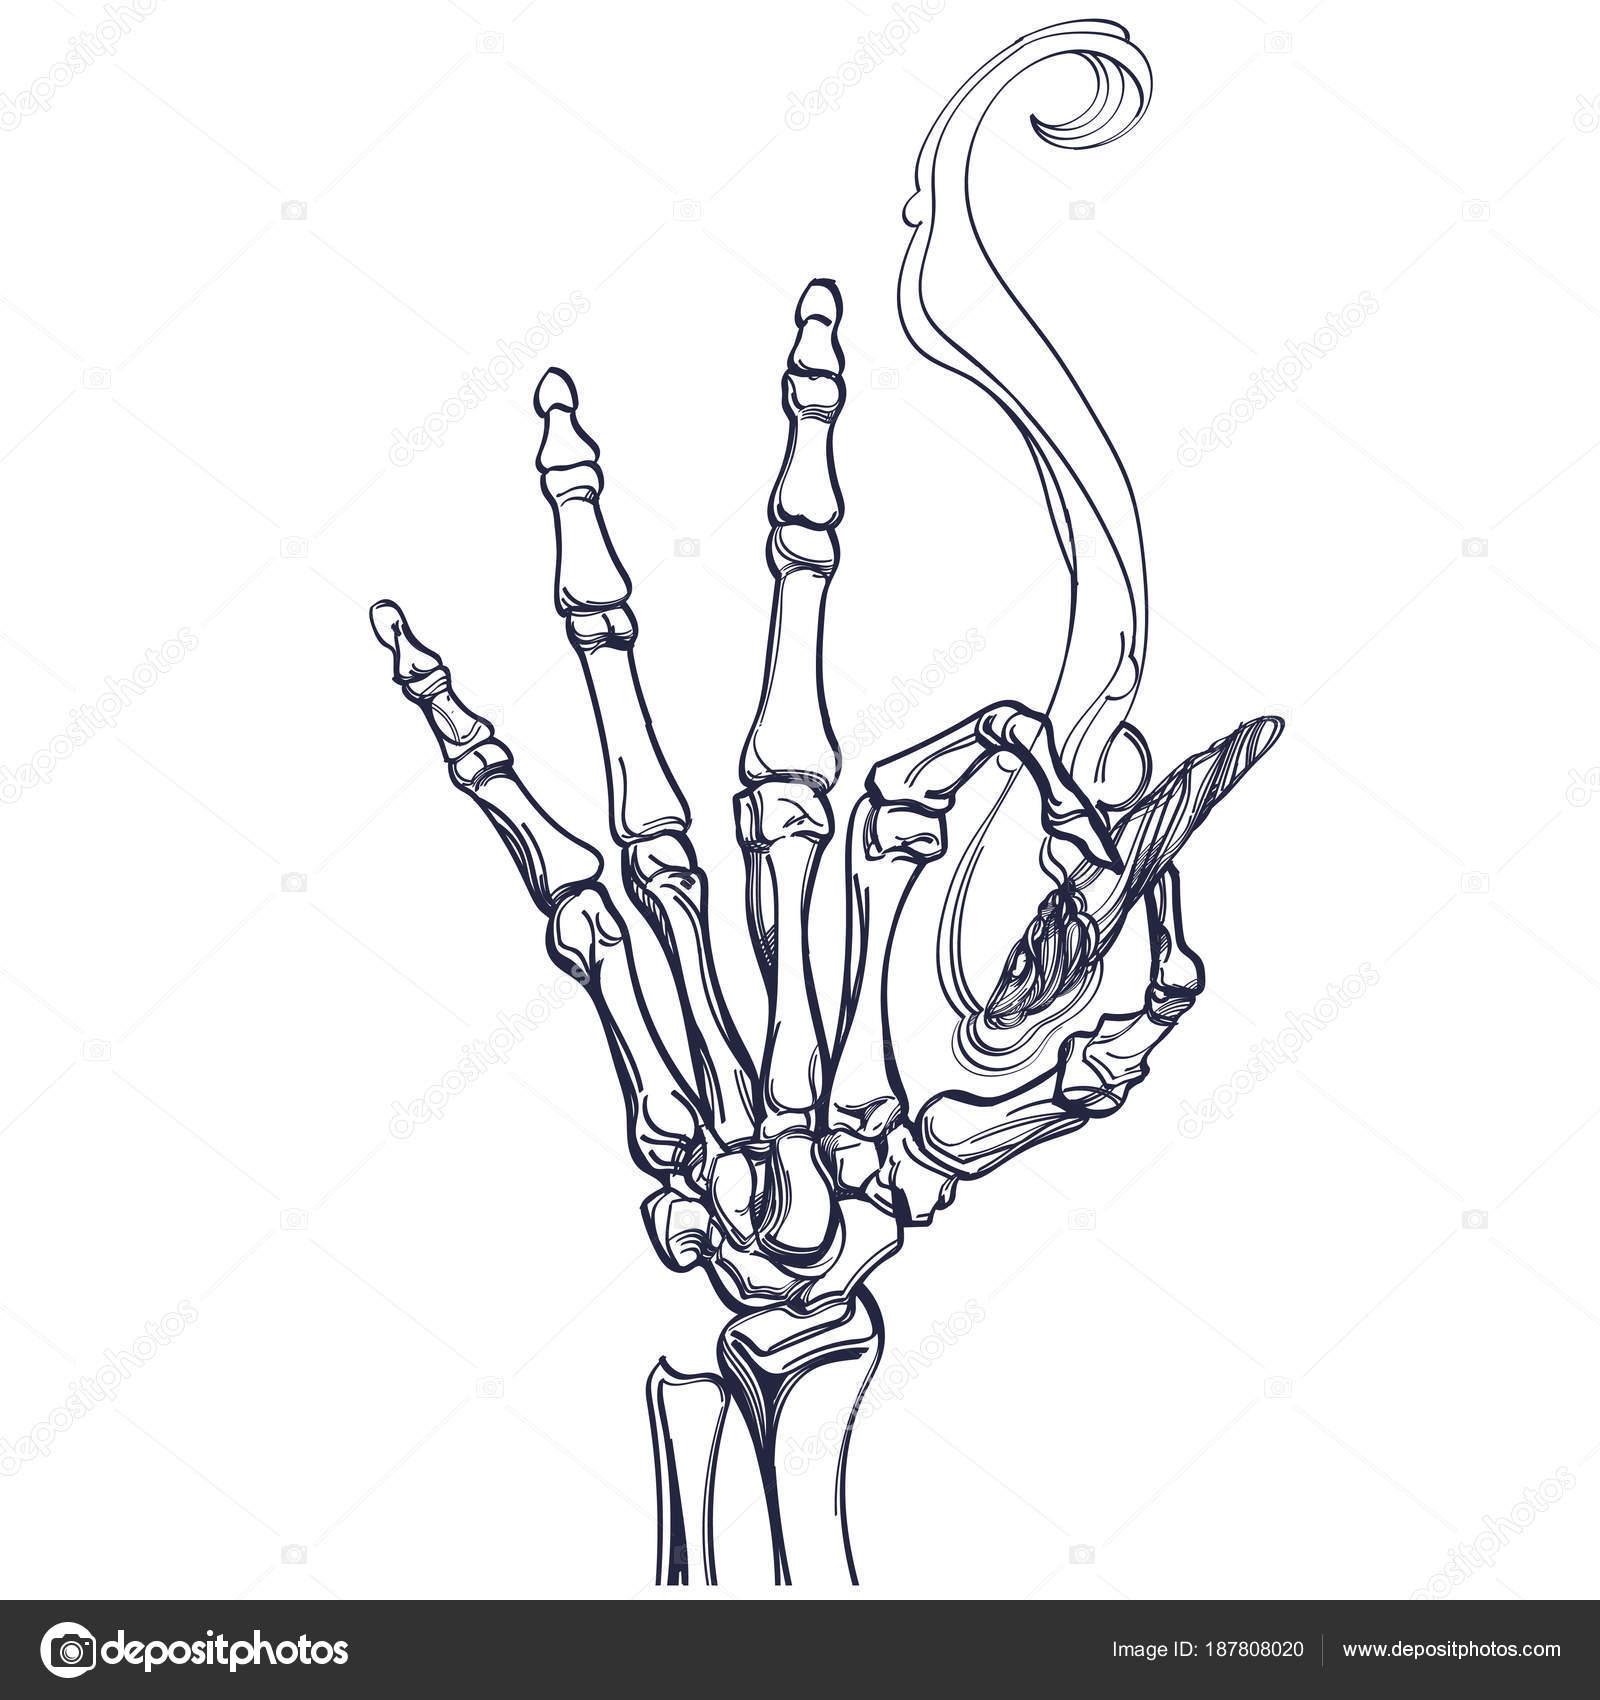 Mano Esqueleto Vector Con Empalme Marihuana Ilustración Aislado ...